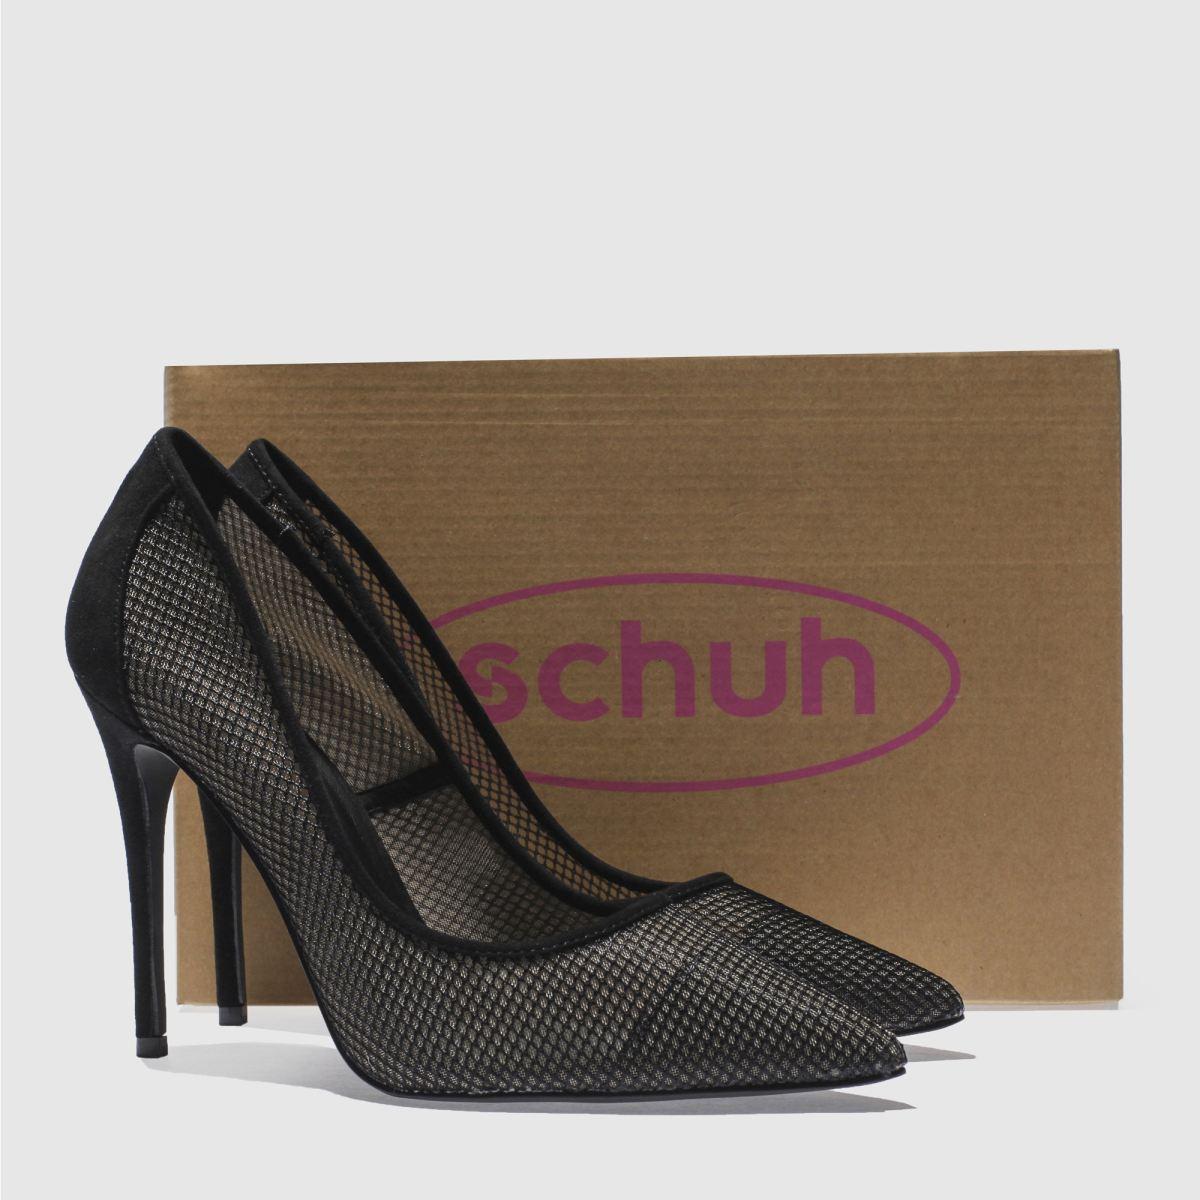 Damen Schwarz schuh Flirty Gute High Heels | schuh Gute Flirty Qualität beliebte Schuhe cae169